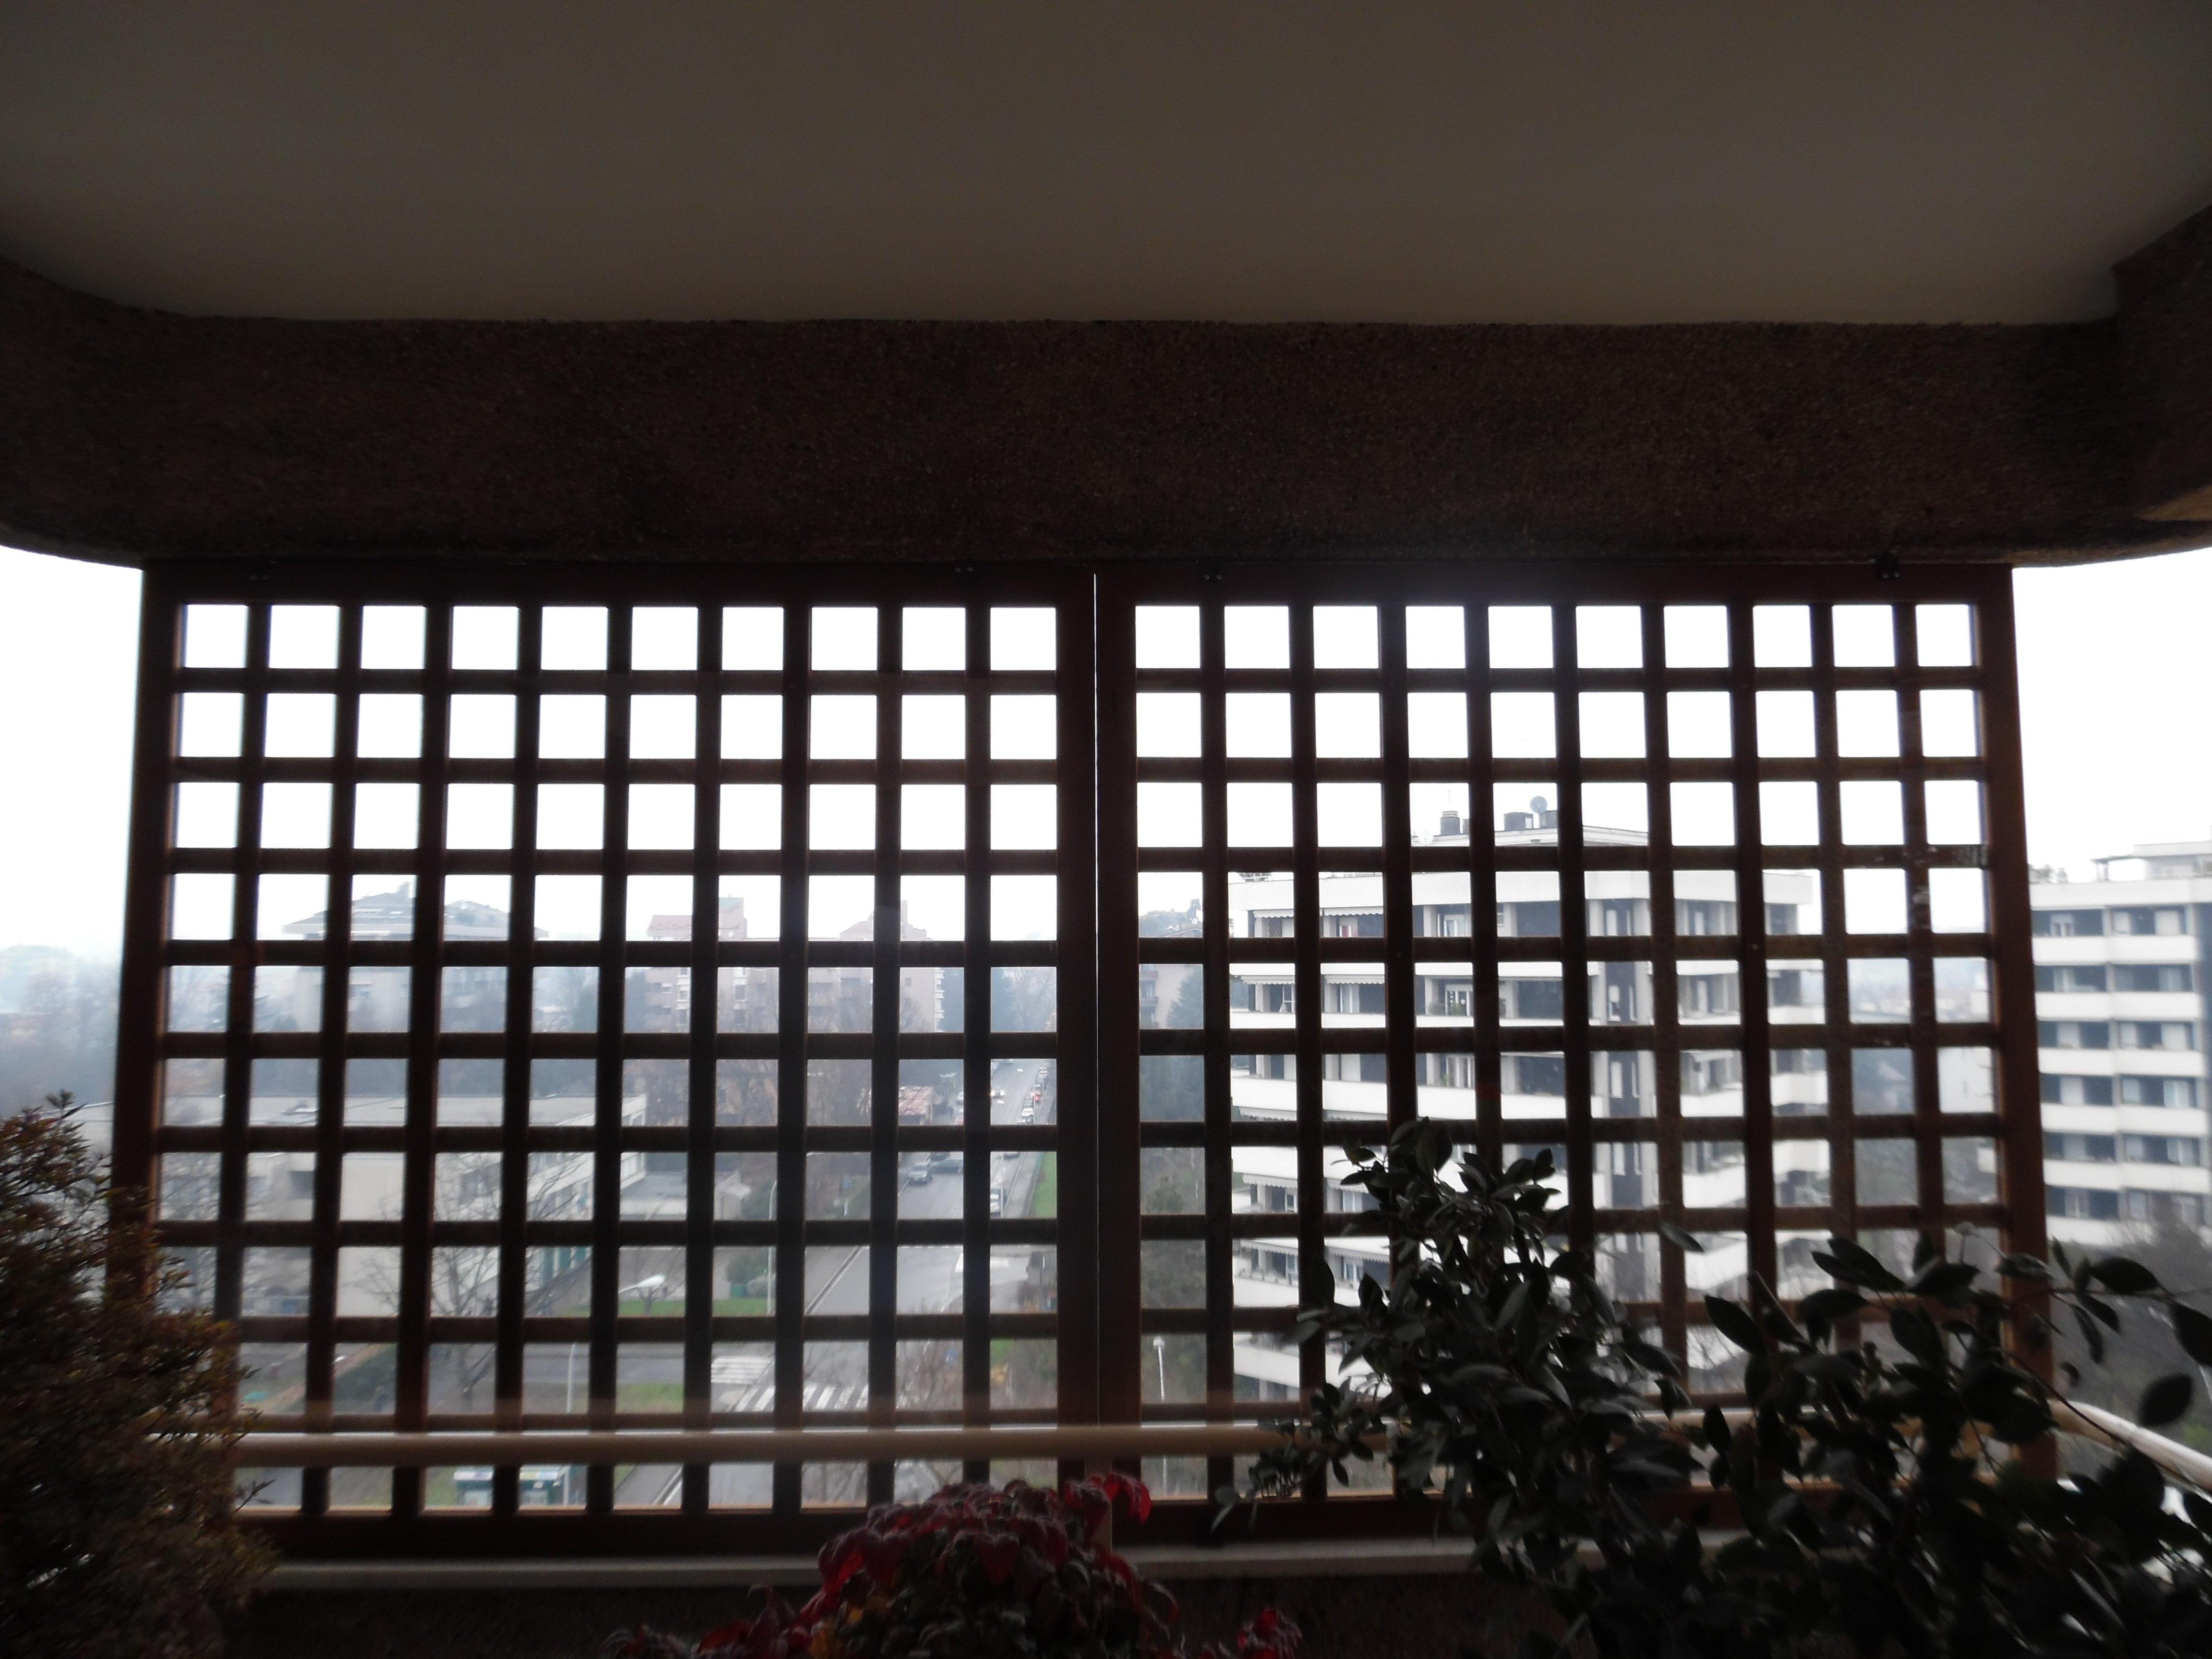 Grigliati in legno per esterno con policarbonato for Divanetto in legno per esterno